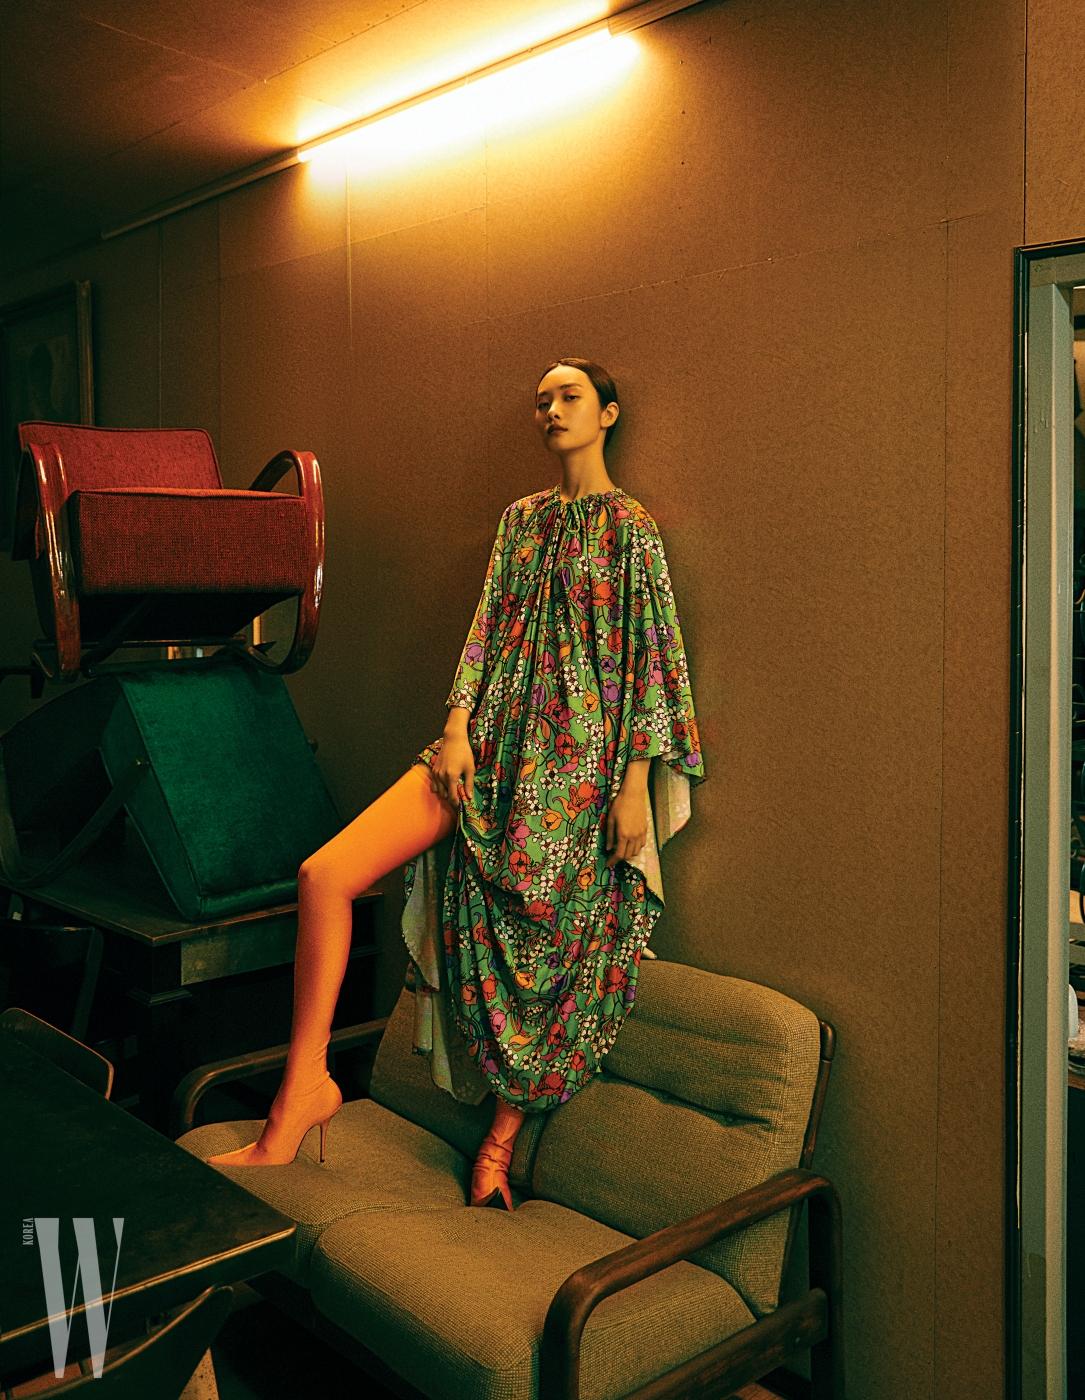 빈티지풍 꽃무늬 드레스, 오렌지 스판덱스 부츠는 Balenciaga 제품. 빈티지 소파는 Tolix 소장품.